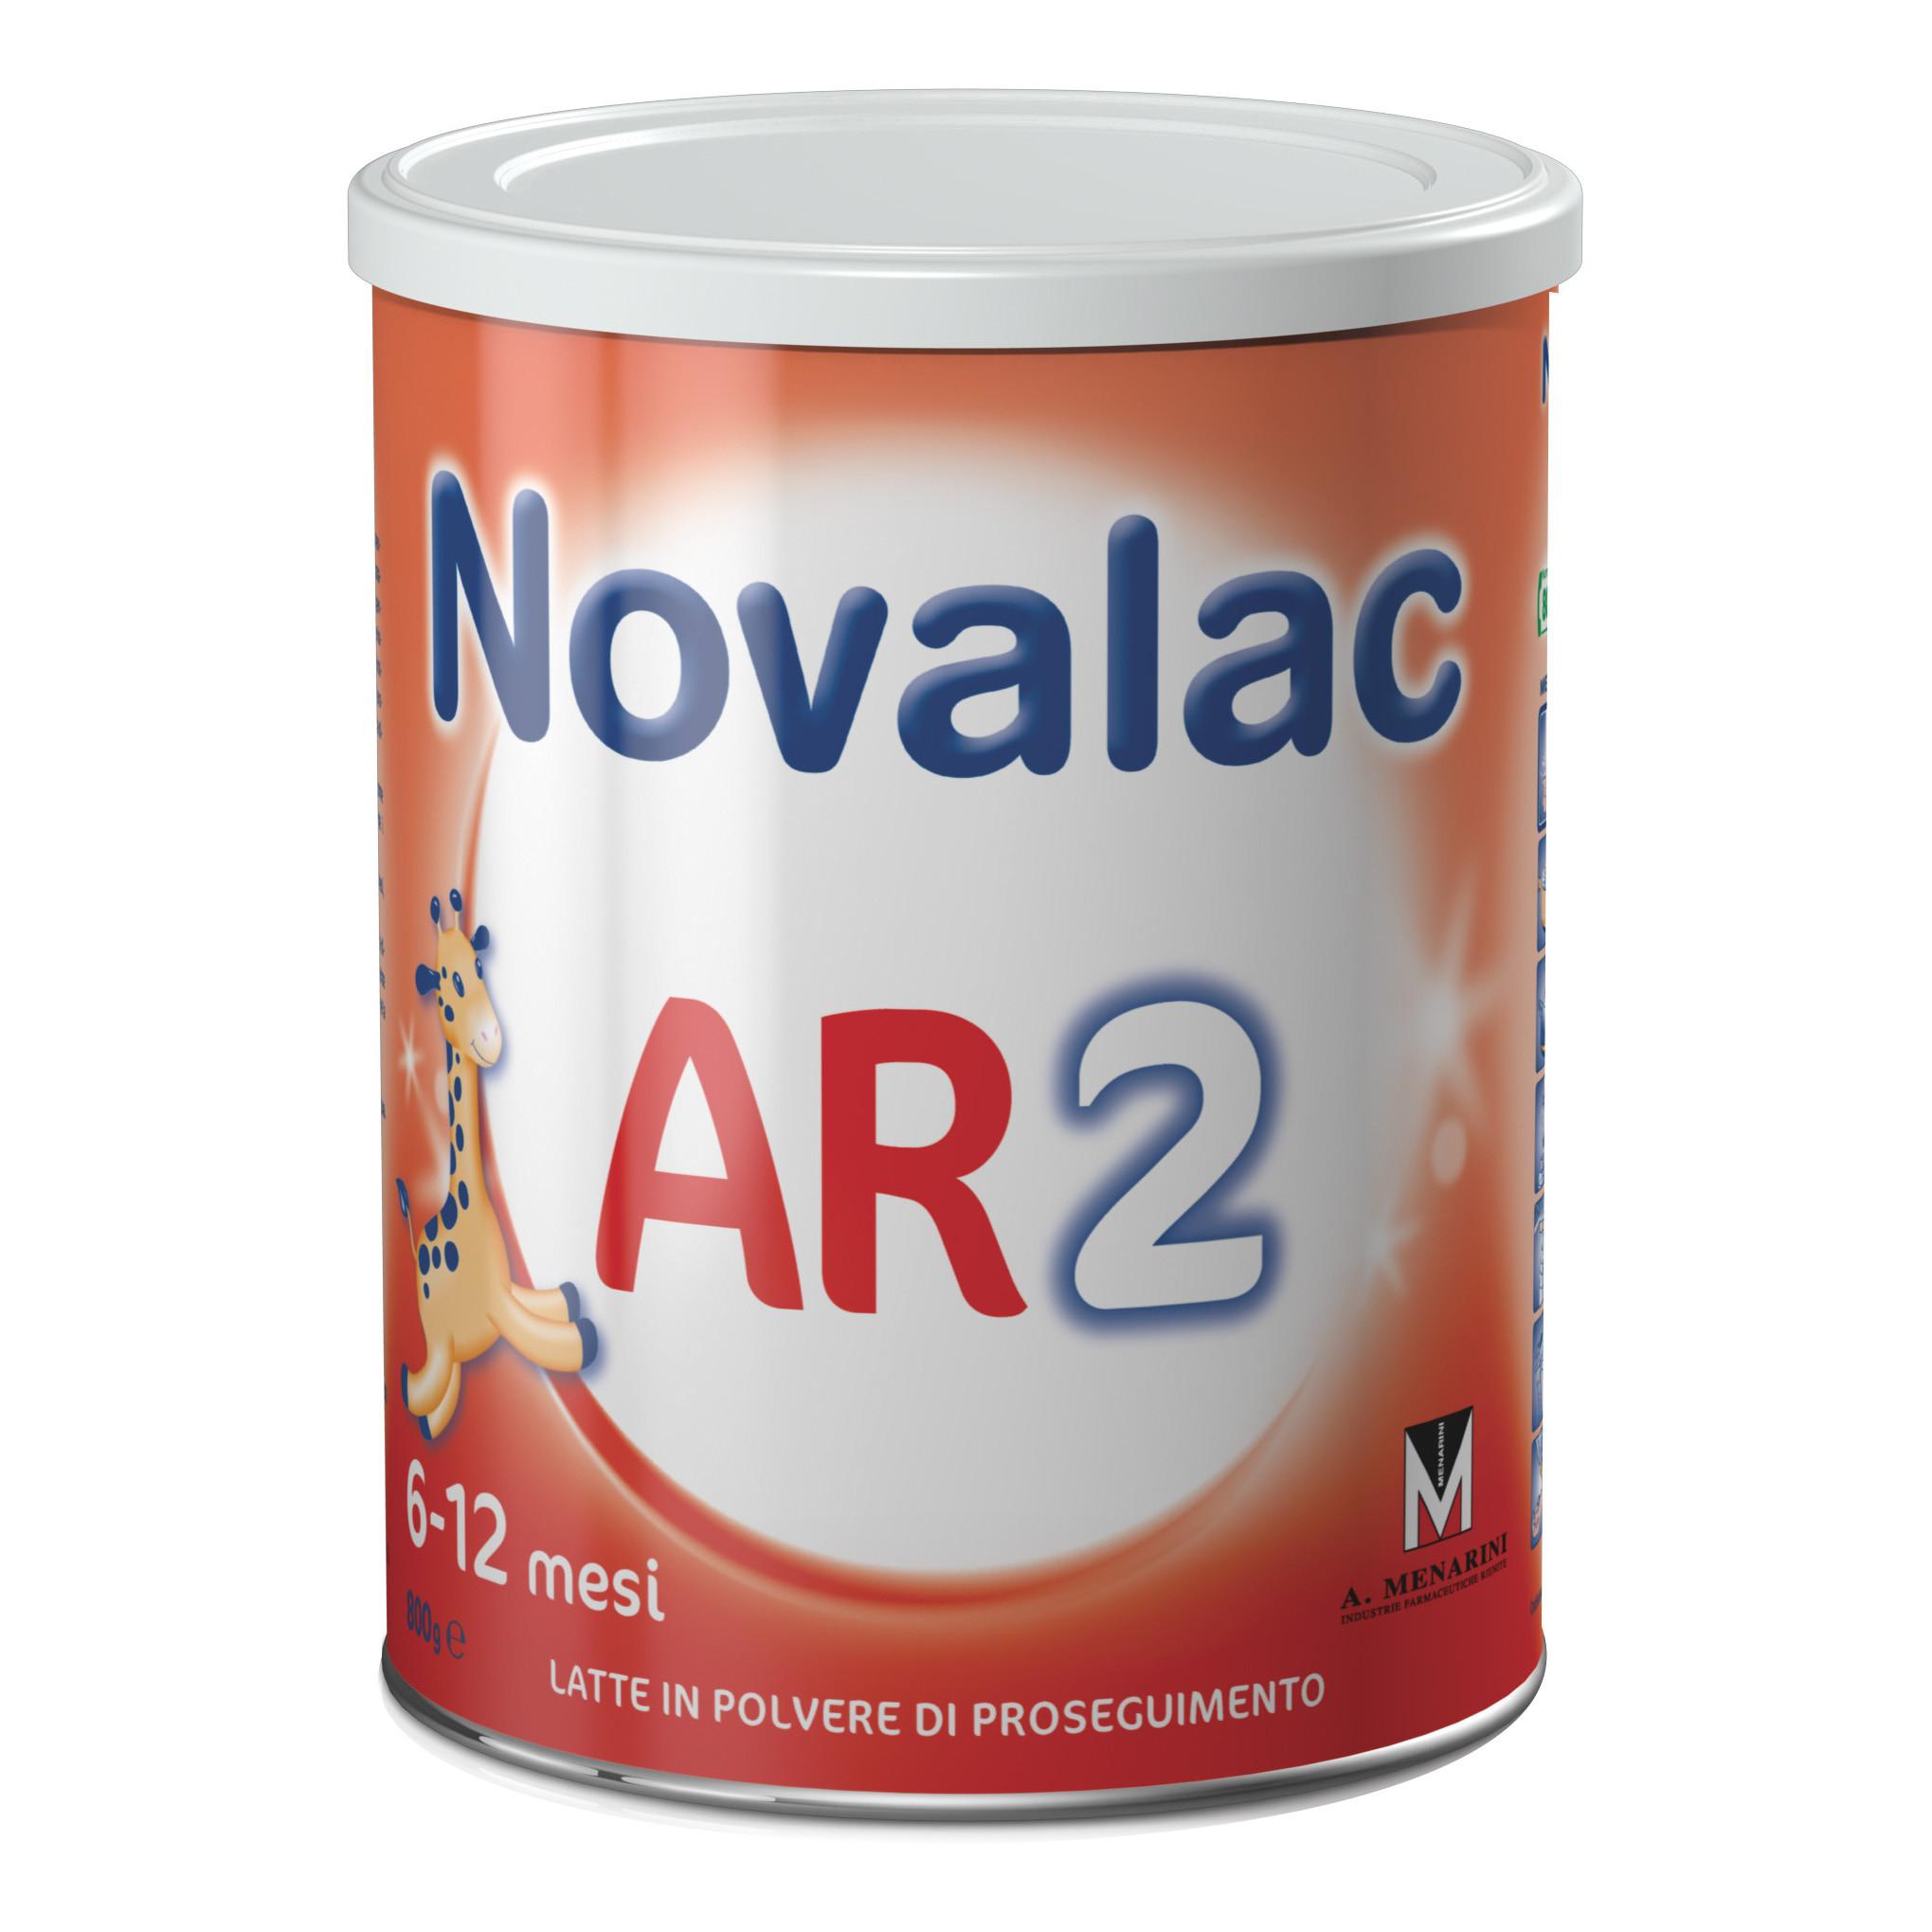 Latte Novalac AR 2